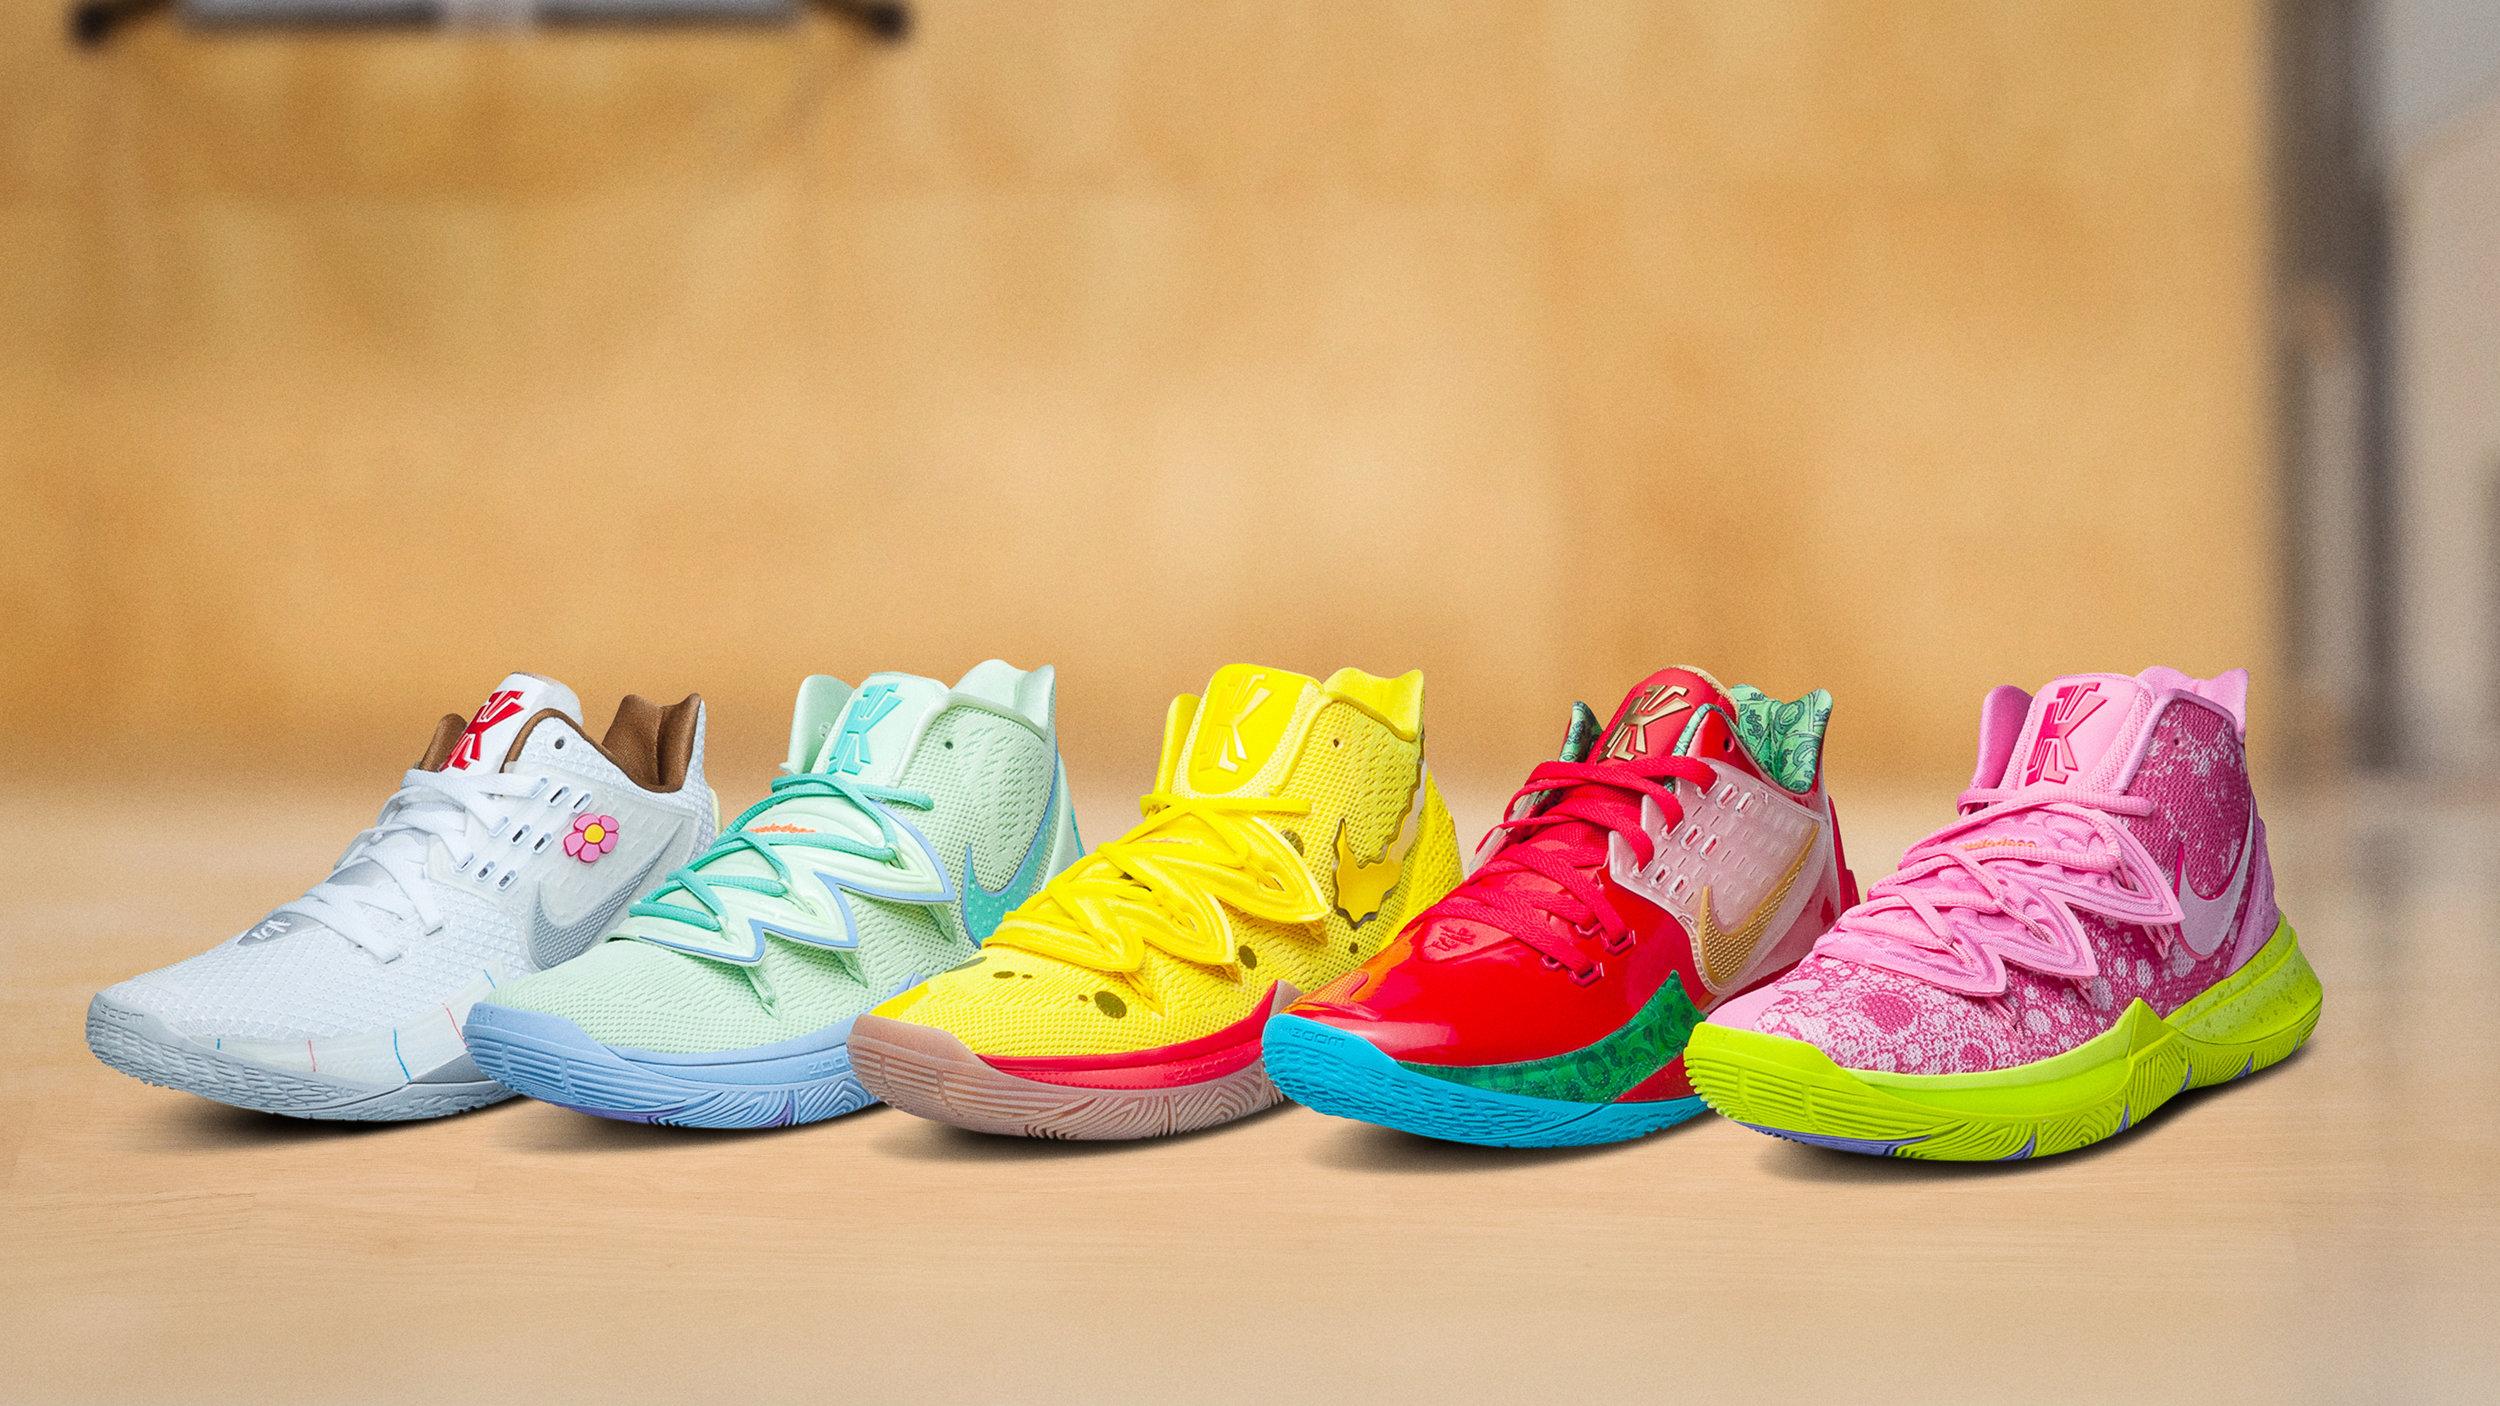 NikeNews_NikeBasketball_Kyrie_Spongebob_DSC_8094_1_89215.jpg